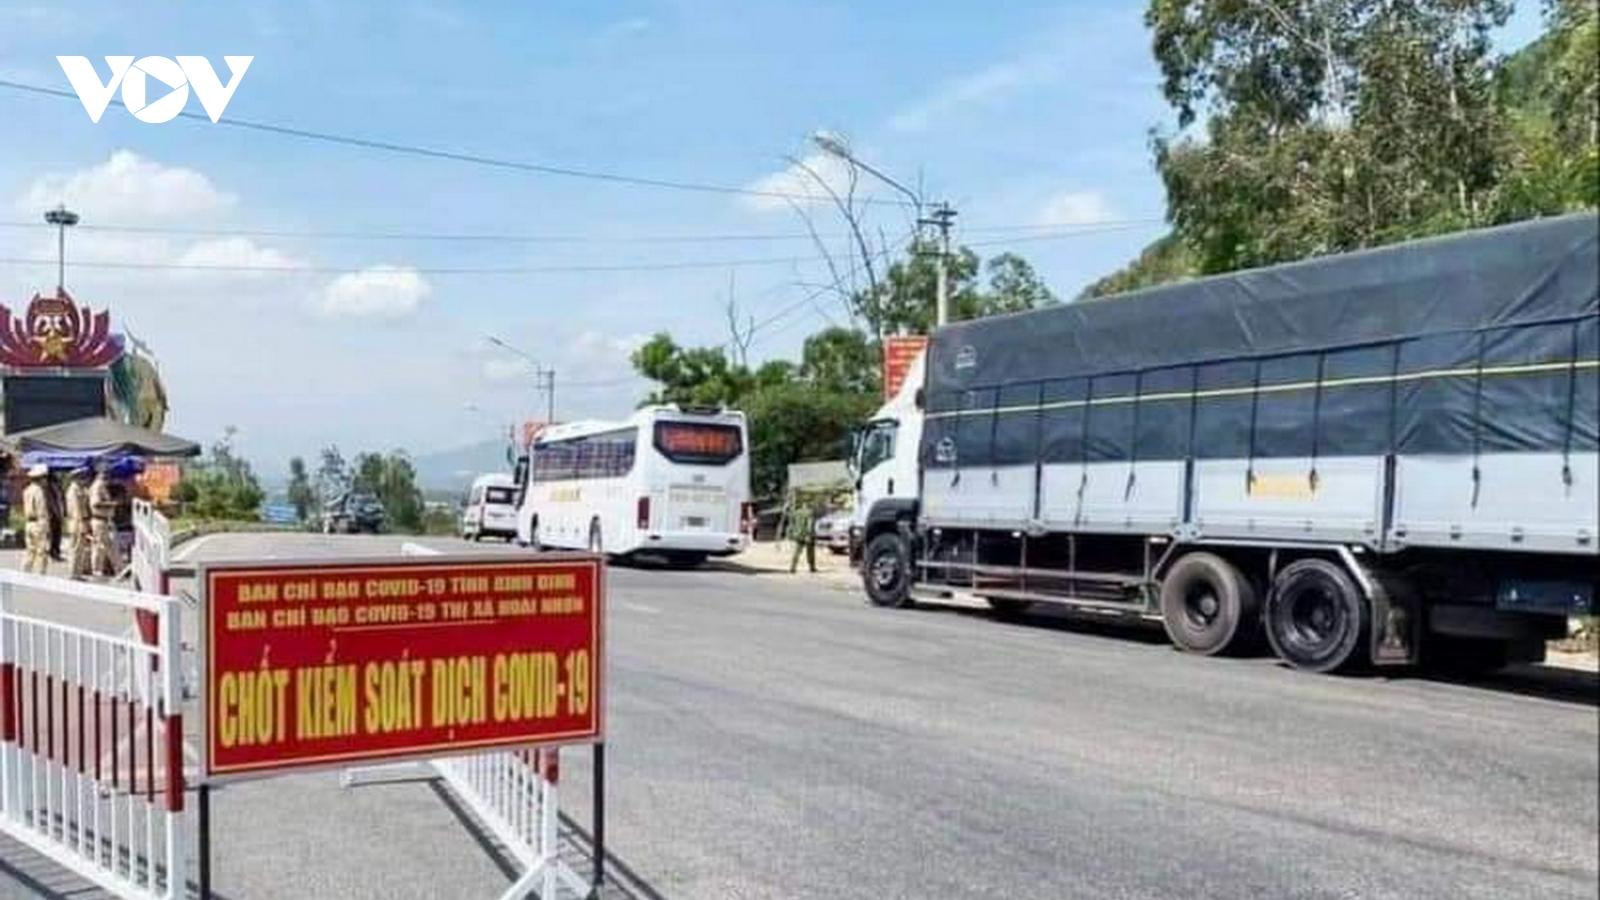 Bình Định không cách ly y tế đối với người đến/về từ Đà Nẵng